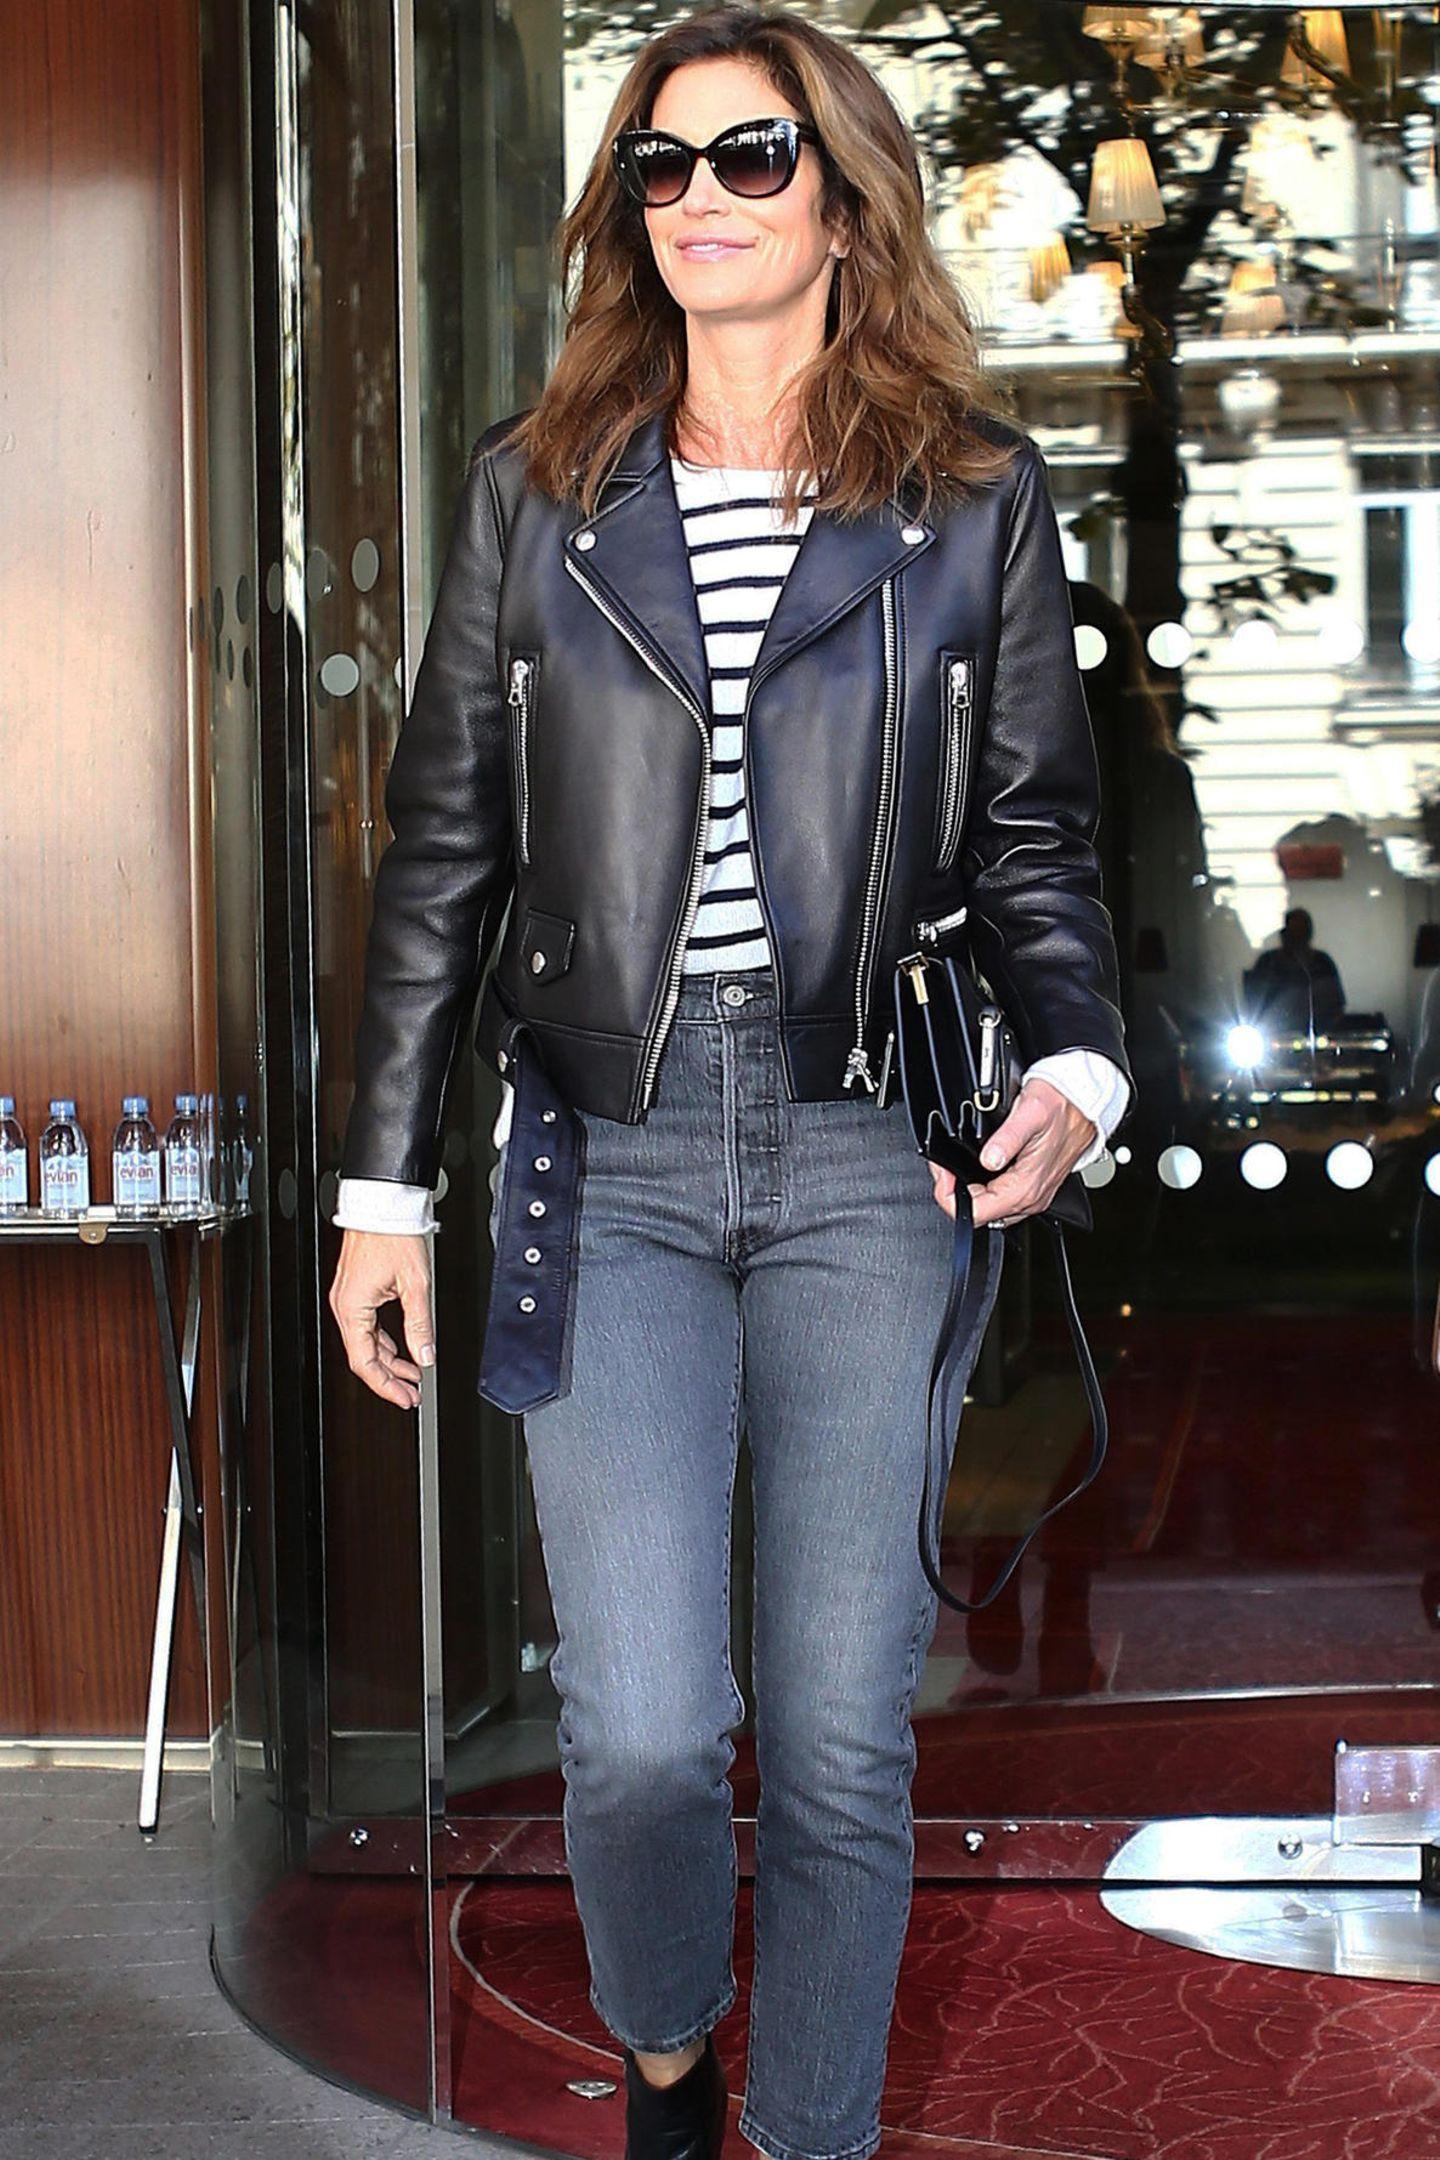 Cindy Crawford rockt Paris in diesem lässigen Look. Zur Jeans kombiniert sie ein gestreiftes Shirt, Lederjacke und Sonnenbrille. Ihre Handtasche trägt sie locker als Clutch.